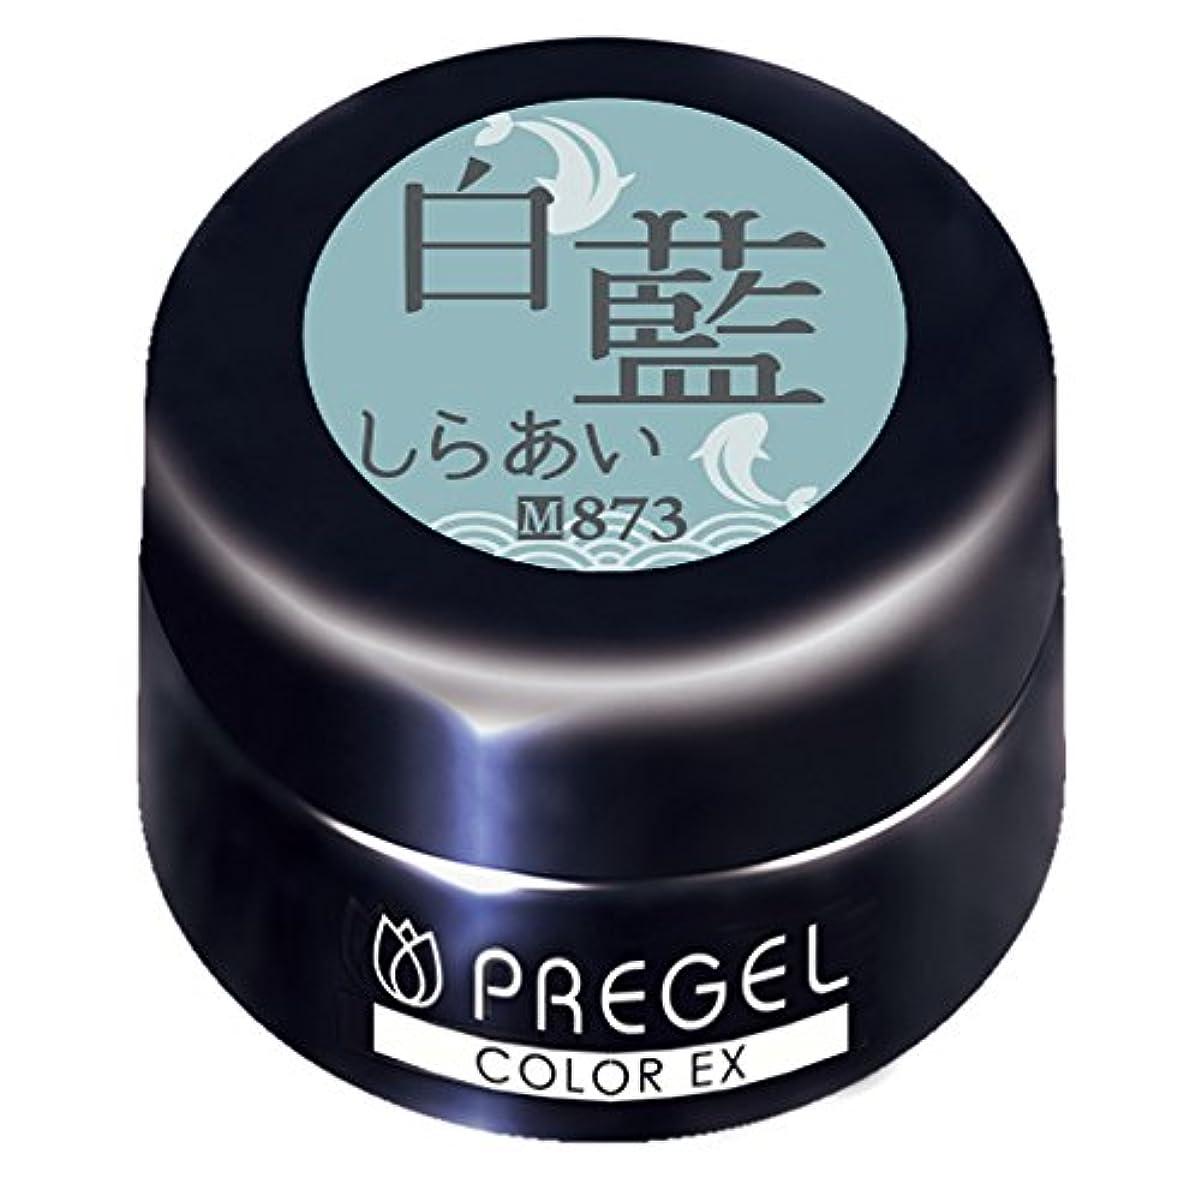 ハブブ名前で涙が出るPRE GEL カラーEX 白藍873 3g UV/LED対応